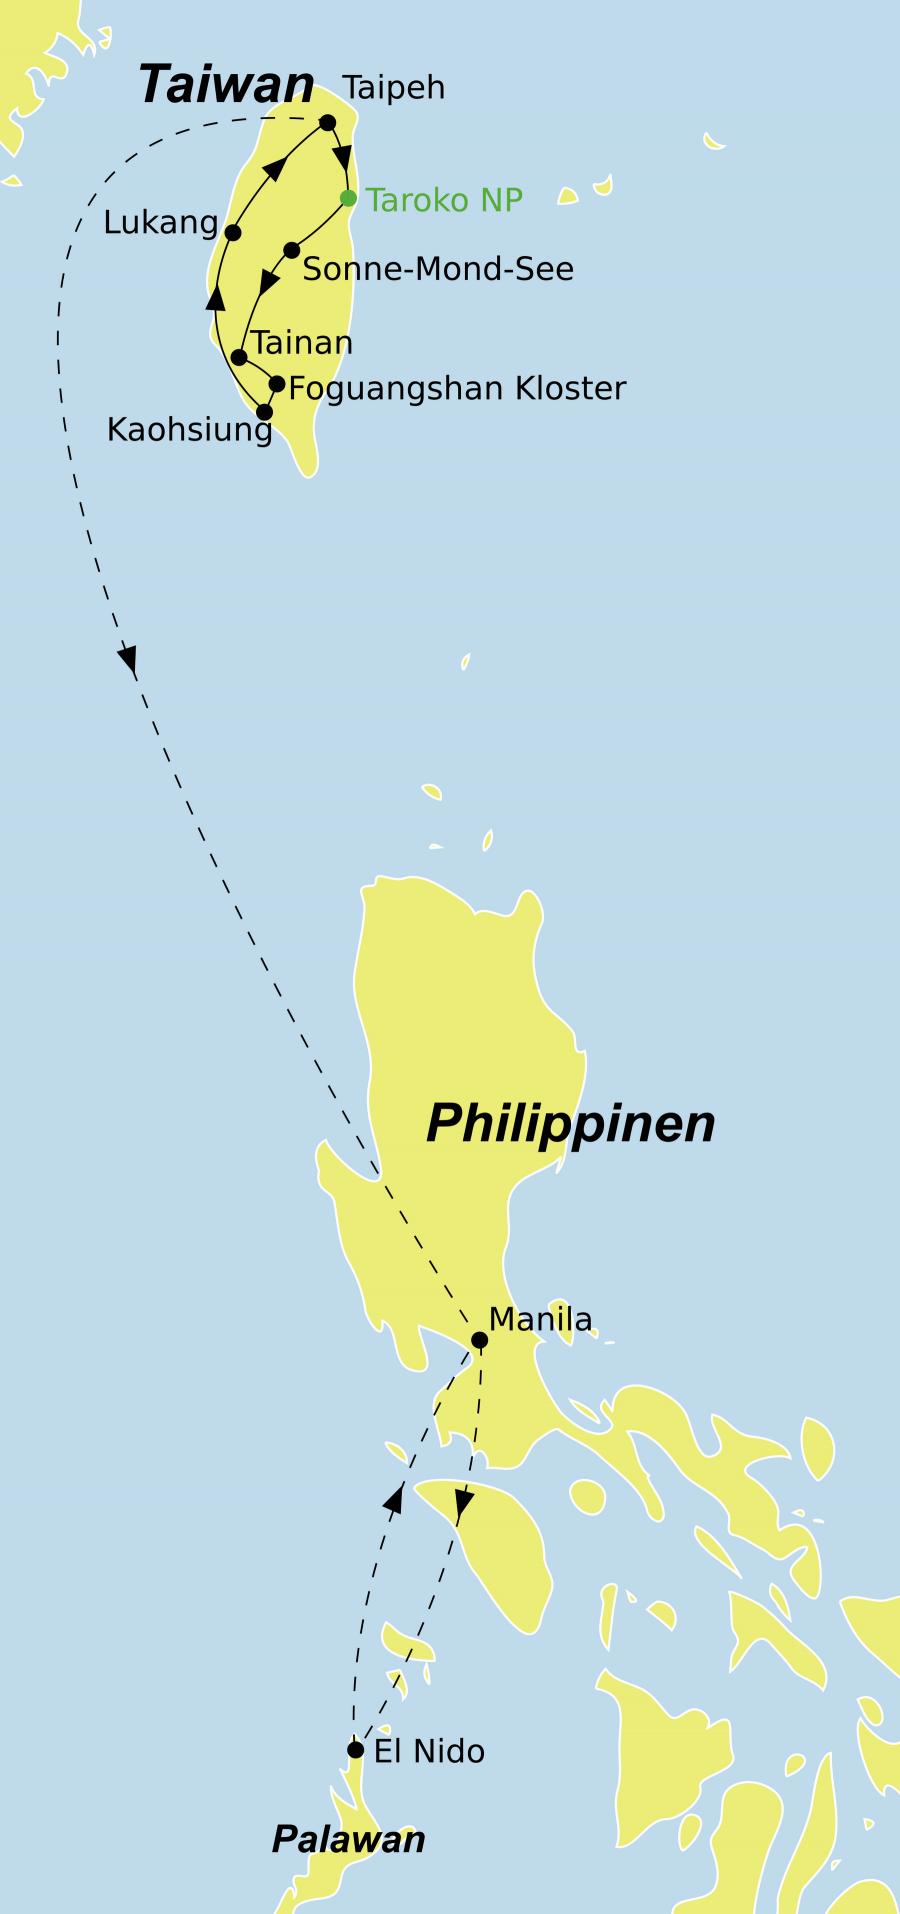 unserer Taiwan-Mikronesien Reise startet in Taipeh und endet in El Nido.